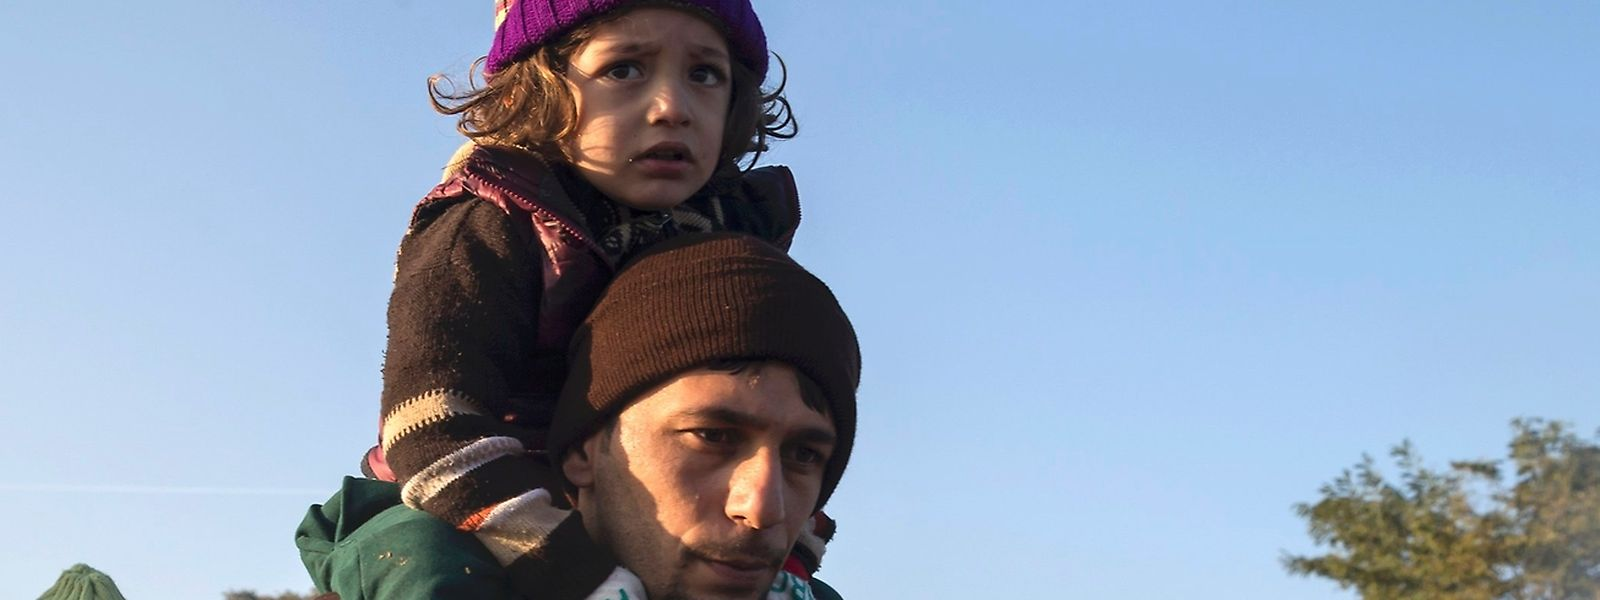 Über die so genannte Balkam-Route strömen Tausende Menschen in Richtung Westeuropa.